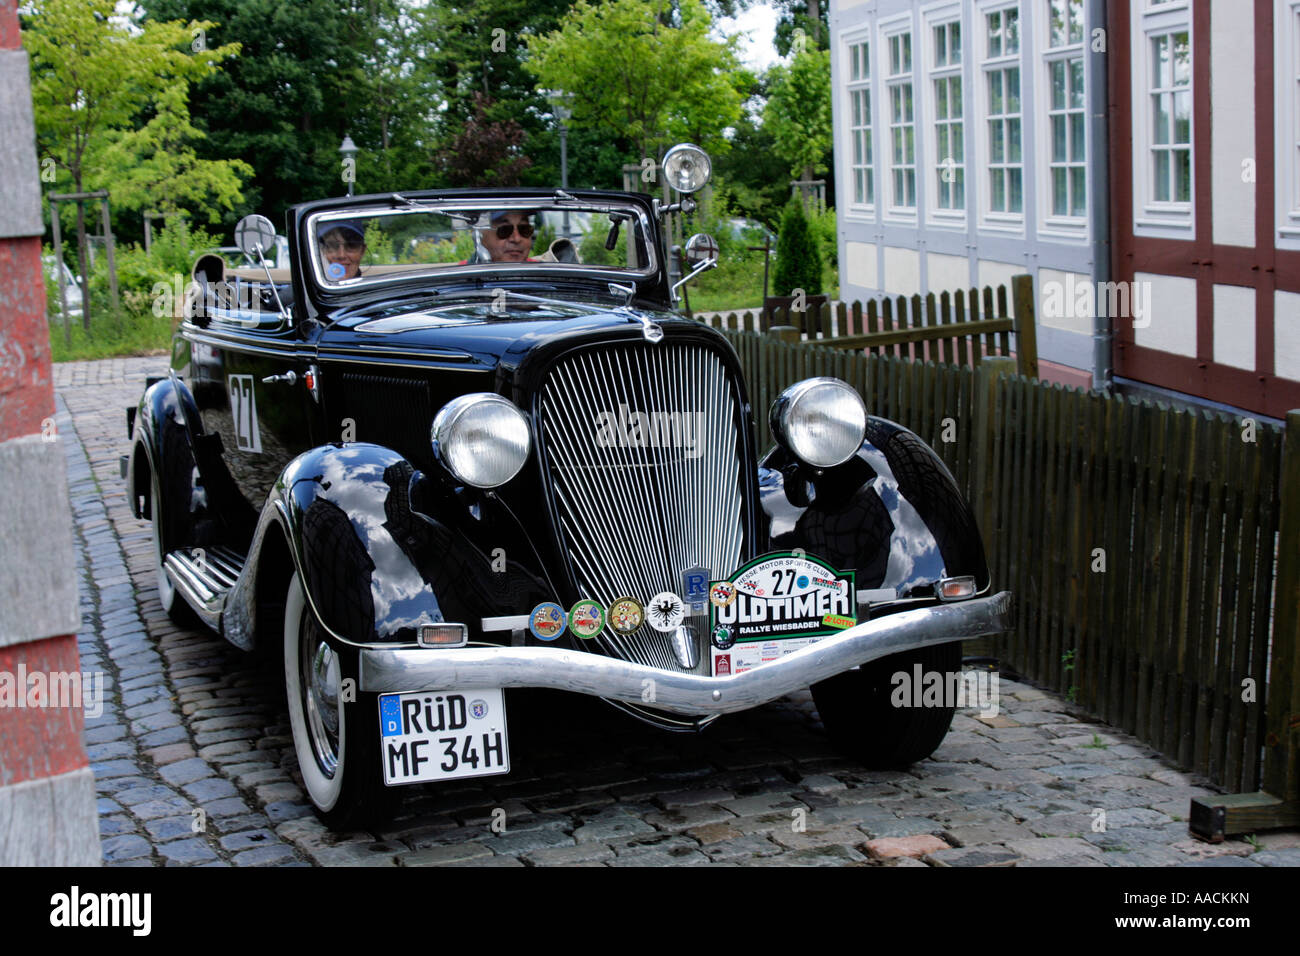 Vintage car Hudson Terraplane Roadster of 1934, vintage car race ...